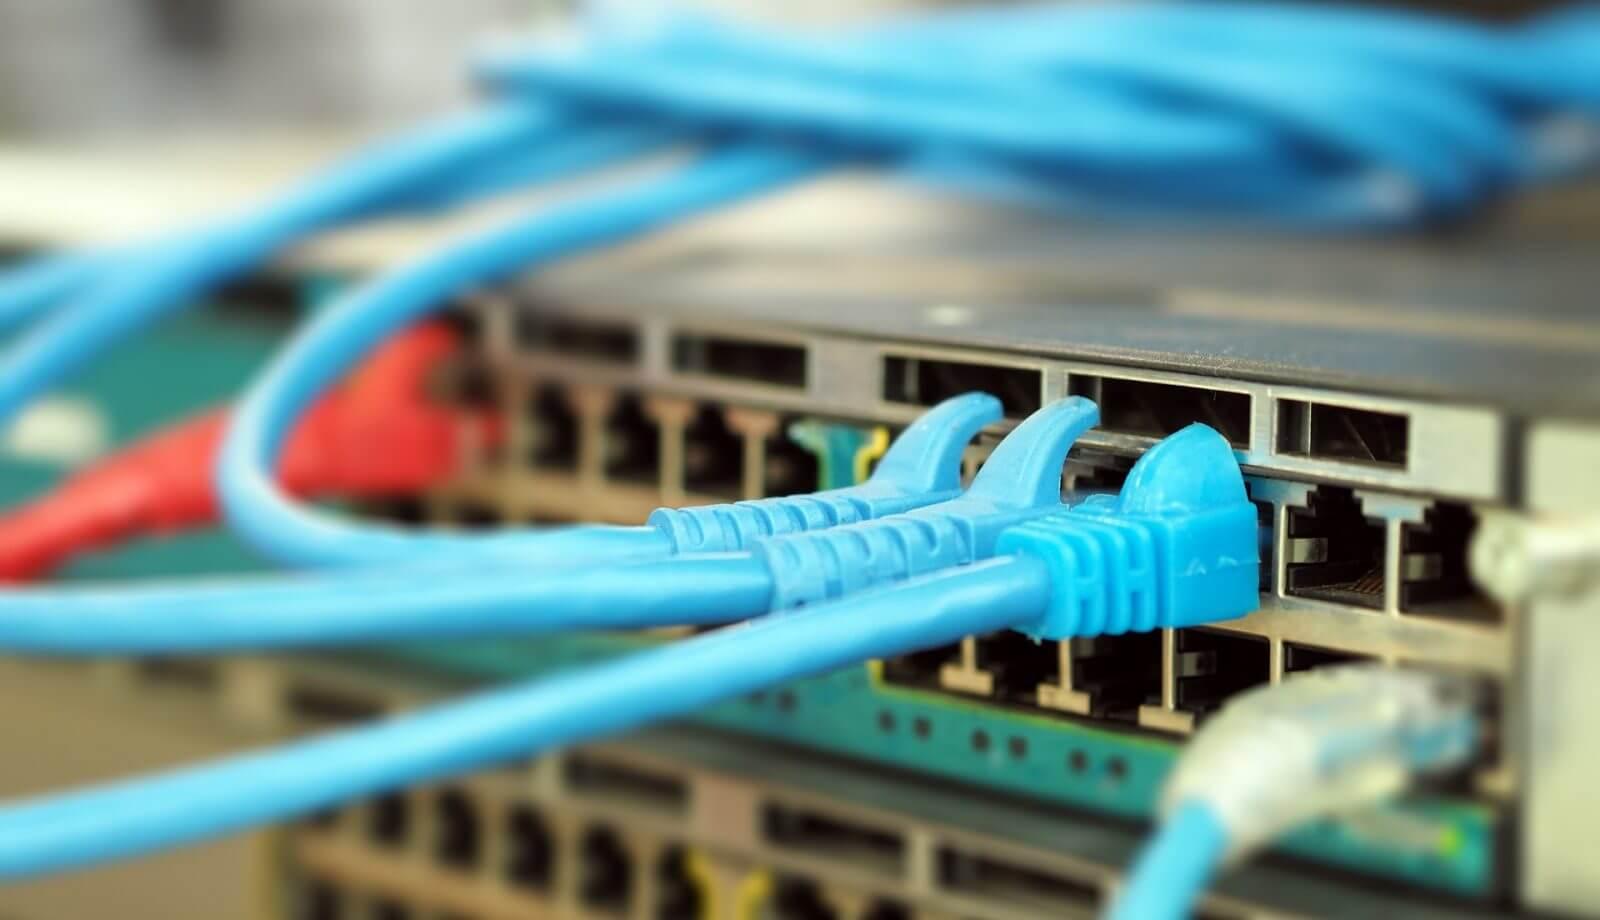 Монтаж та налаштування комп'ютерних мереж